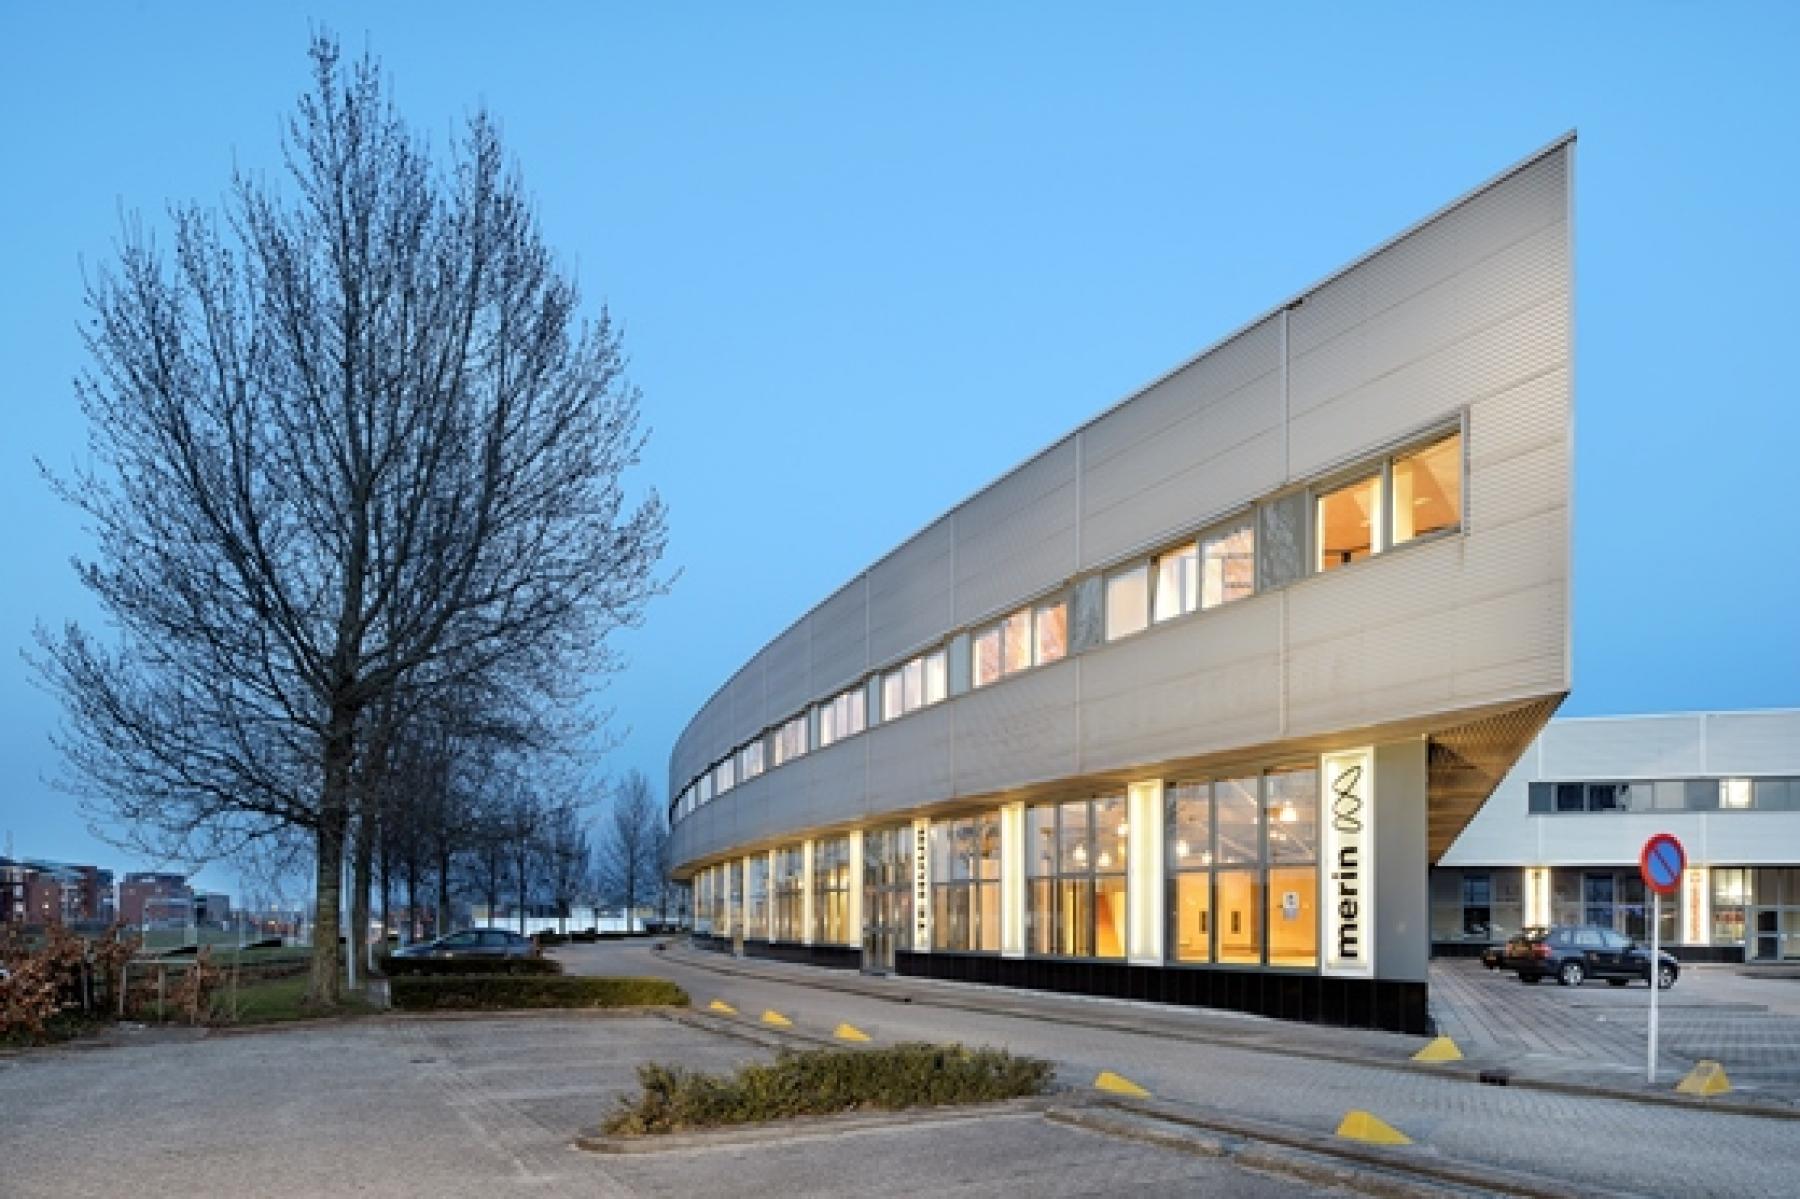 buitenzijde kantoorgebouw rivium boulevard capelle aan den ijssel vlakbij rotterdam